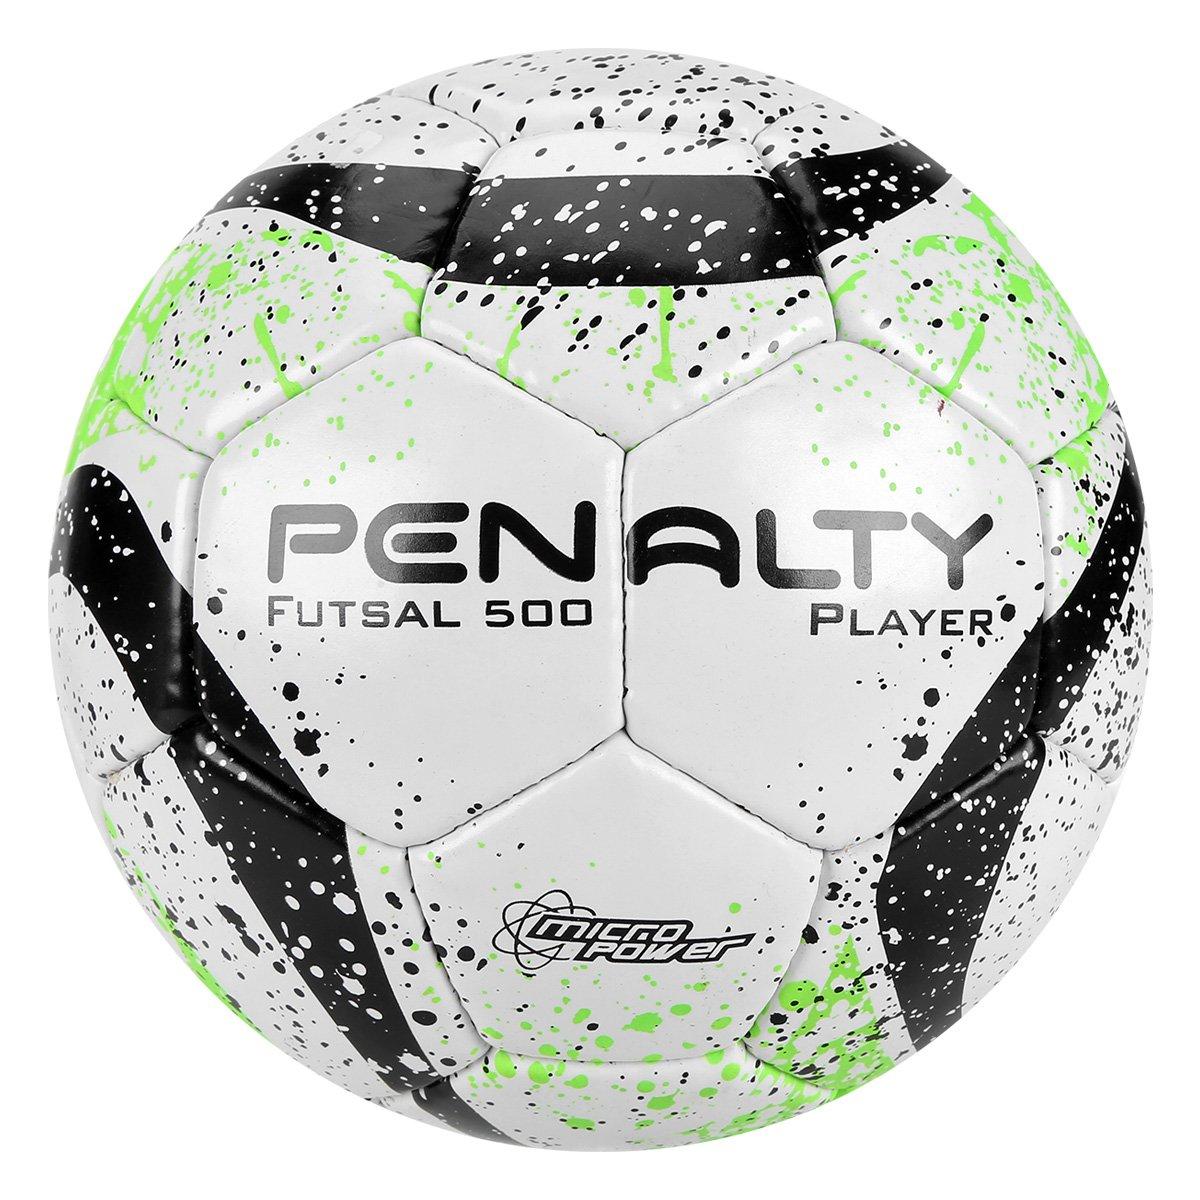 6ff653ea22 Bola de Futsal Penalty Player II VII - Compre Agora